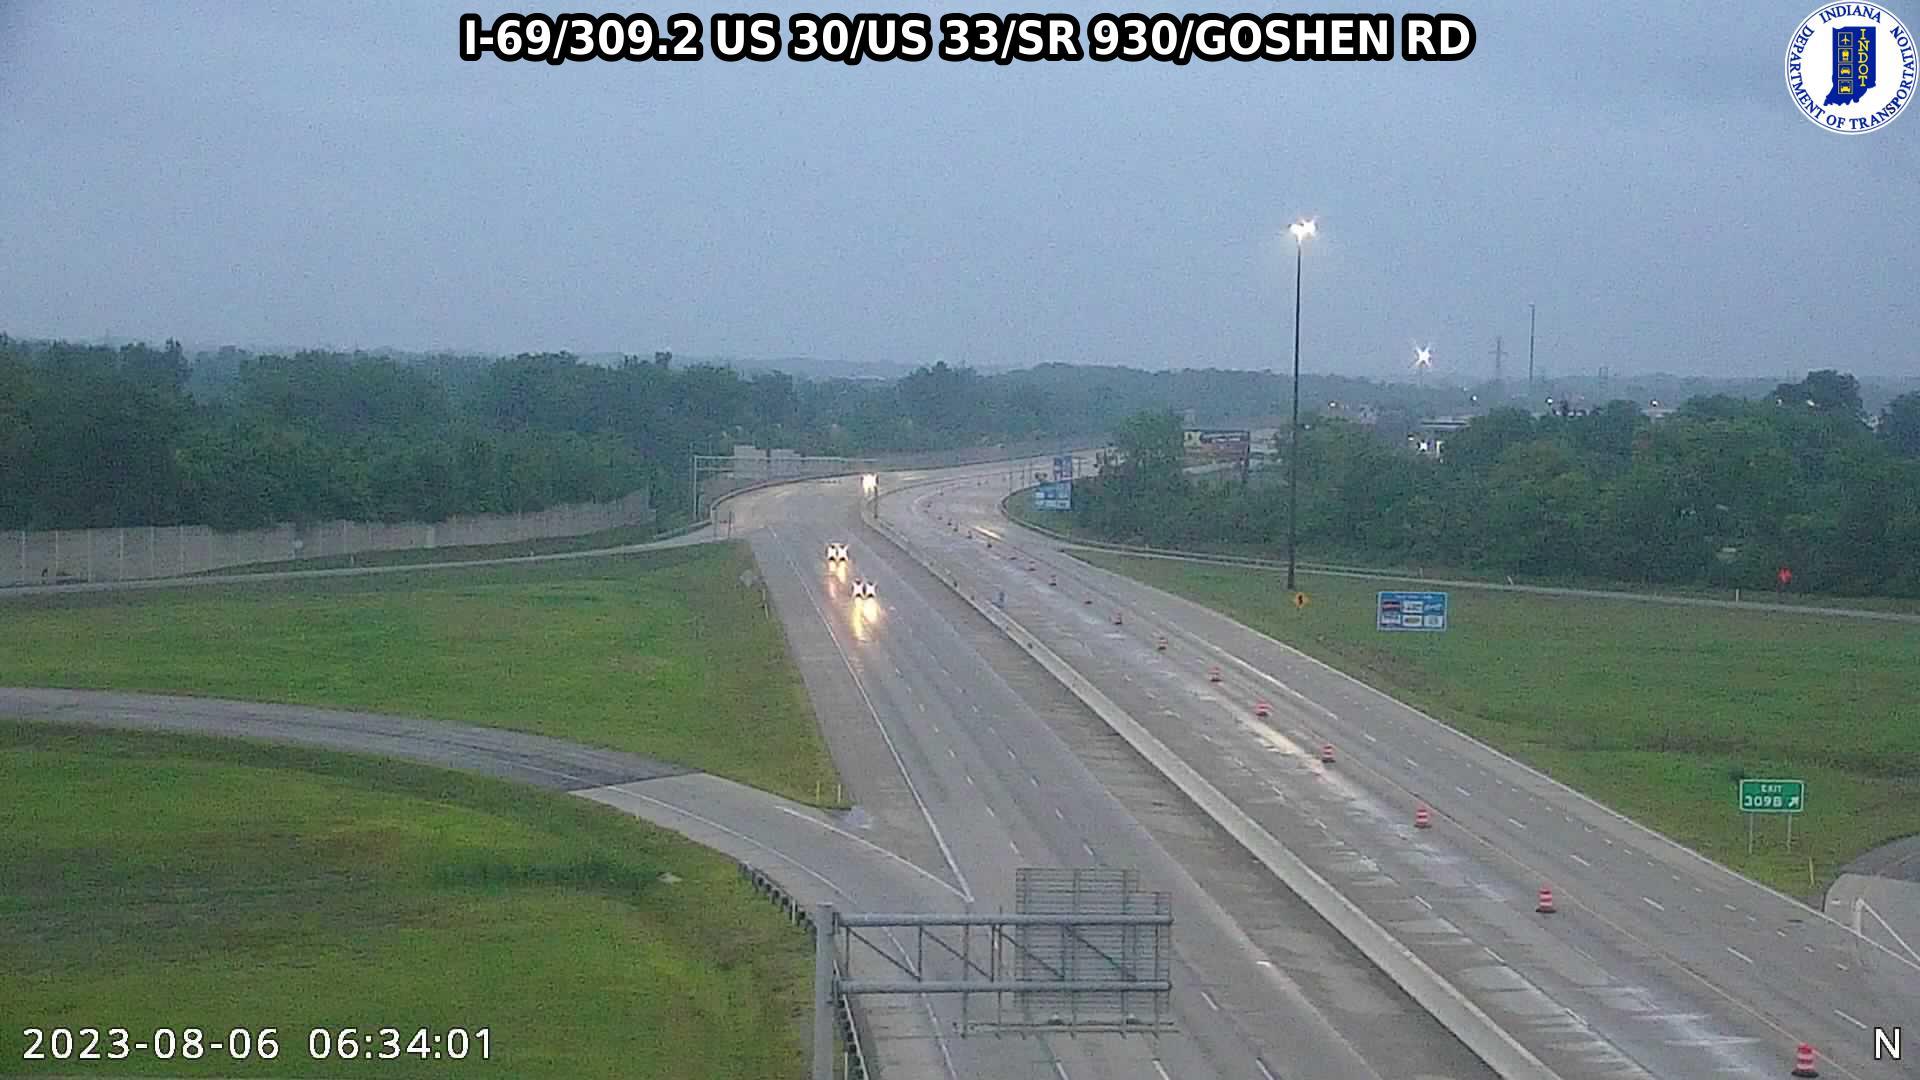 I-69 US 30/US 33/SR 930/GOSHEN ROAD CAM